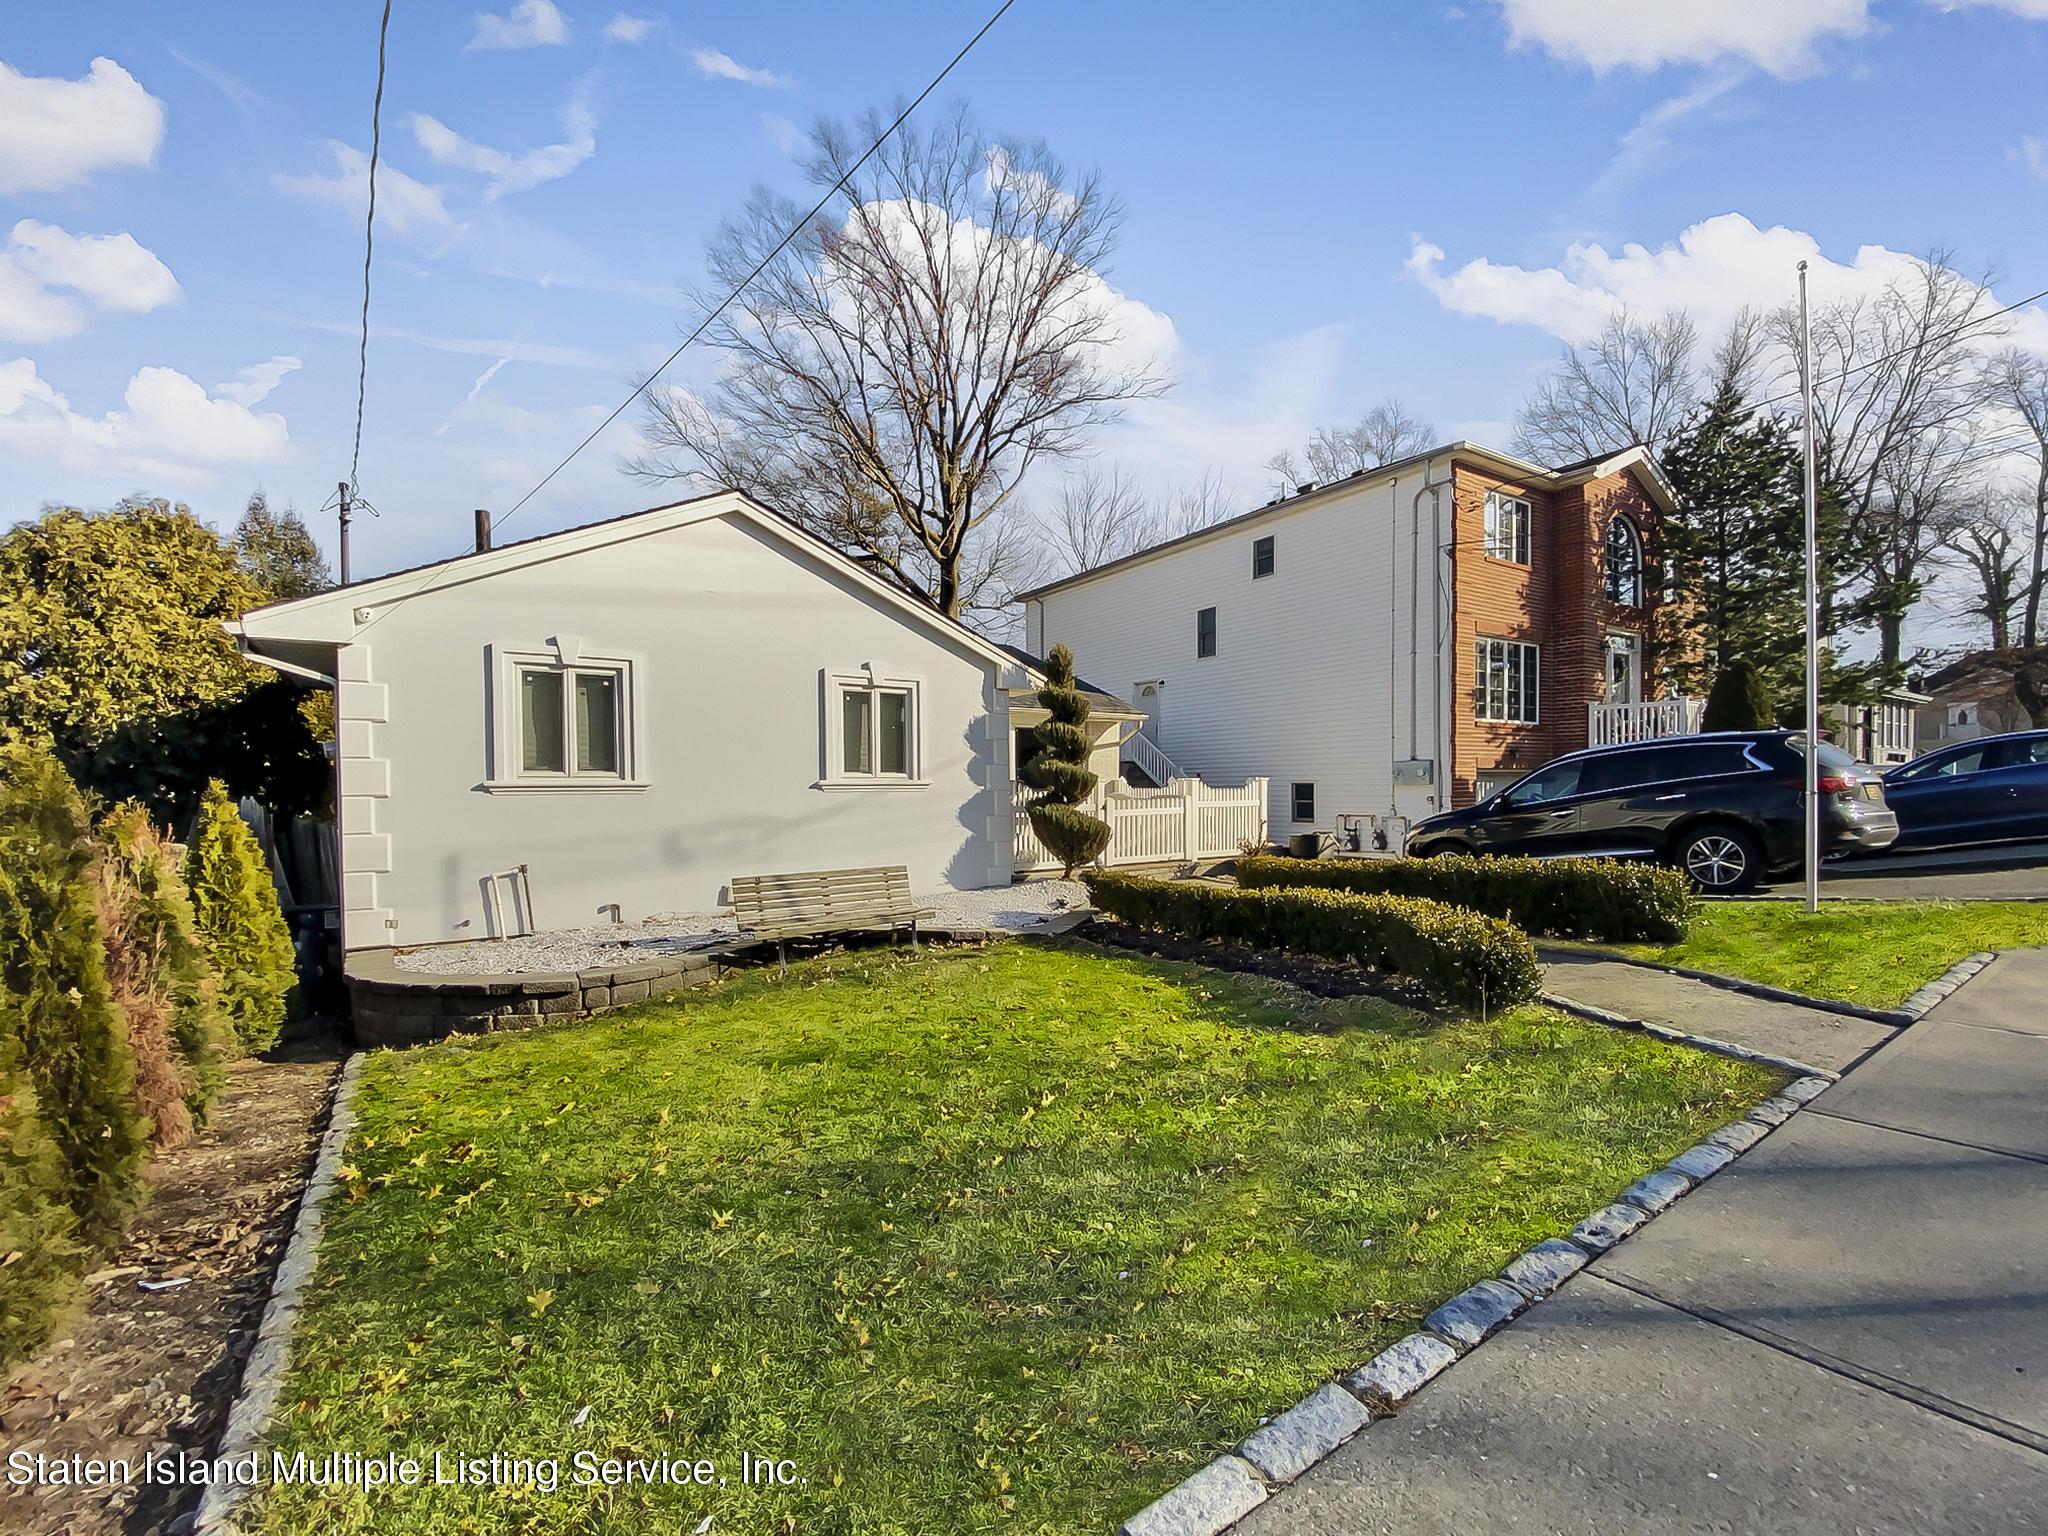 Single Family - Detached 543 Wainwright Avenue  Staten Island, NY 10312, MLS-1143141-3